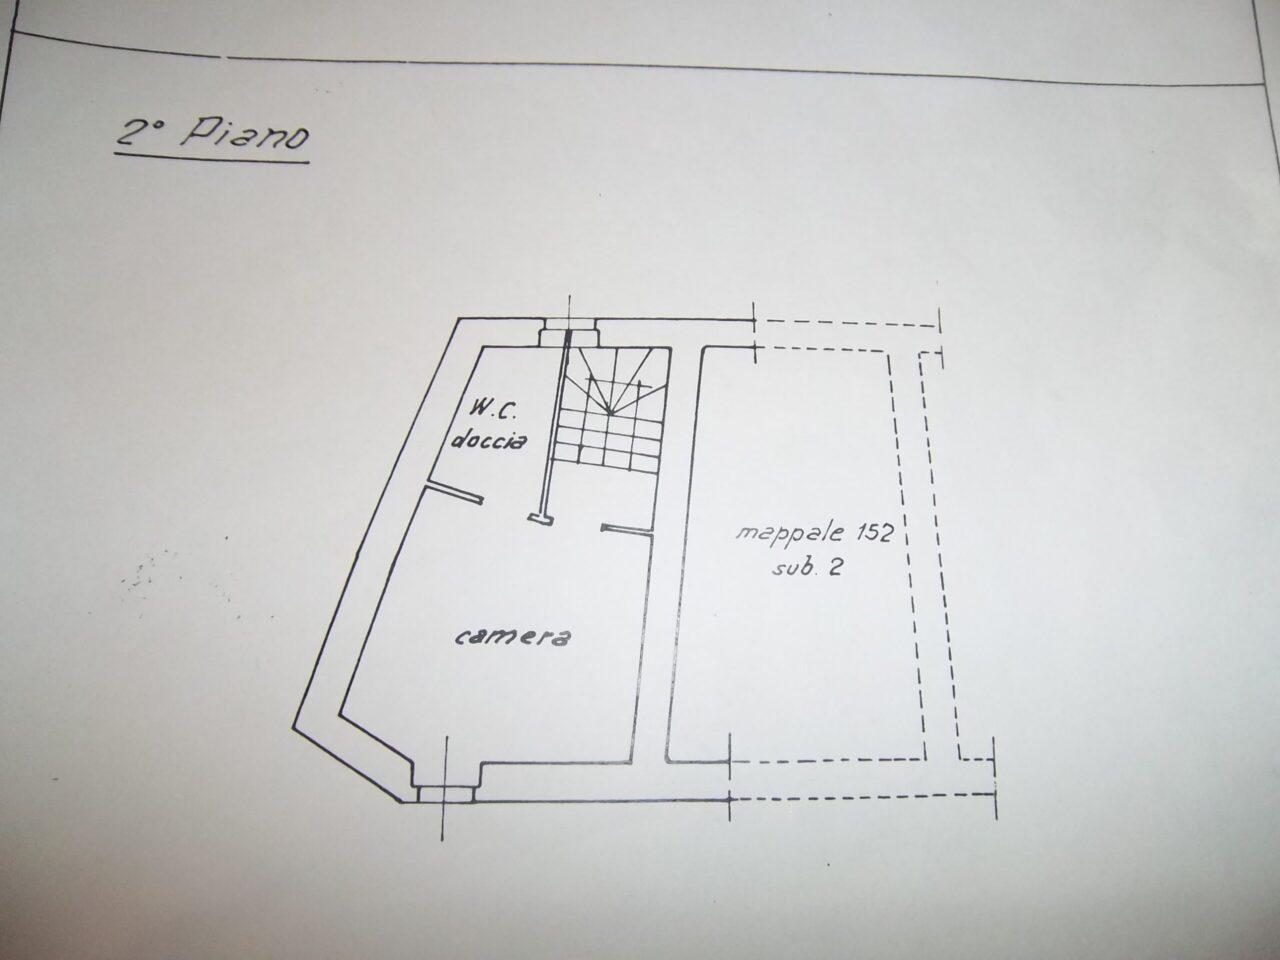 planimetria VRI 2273 BA 1